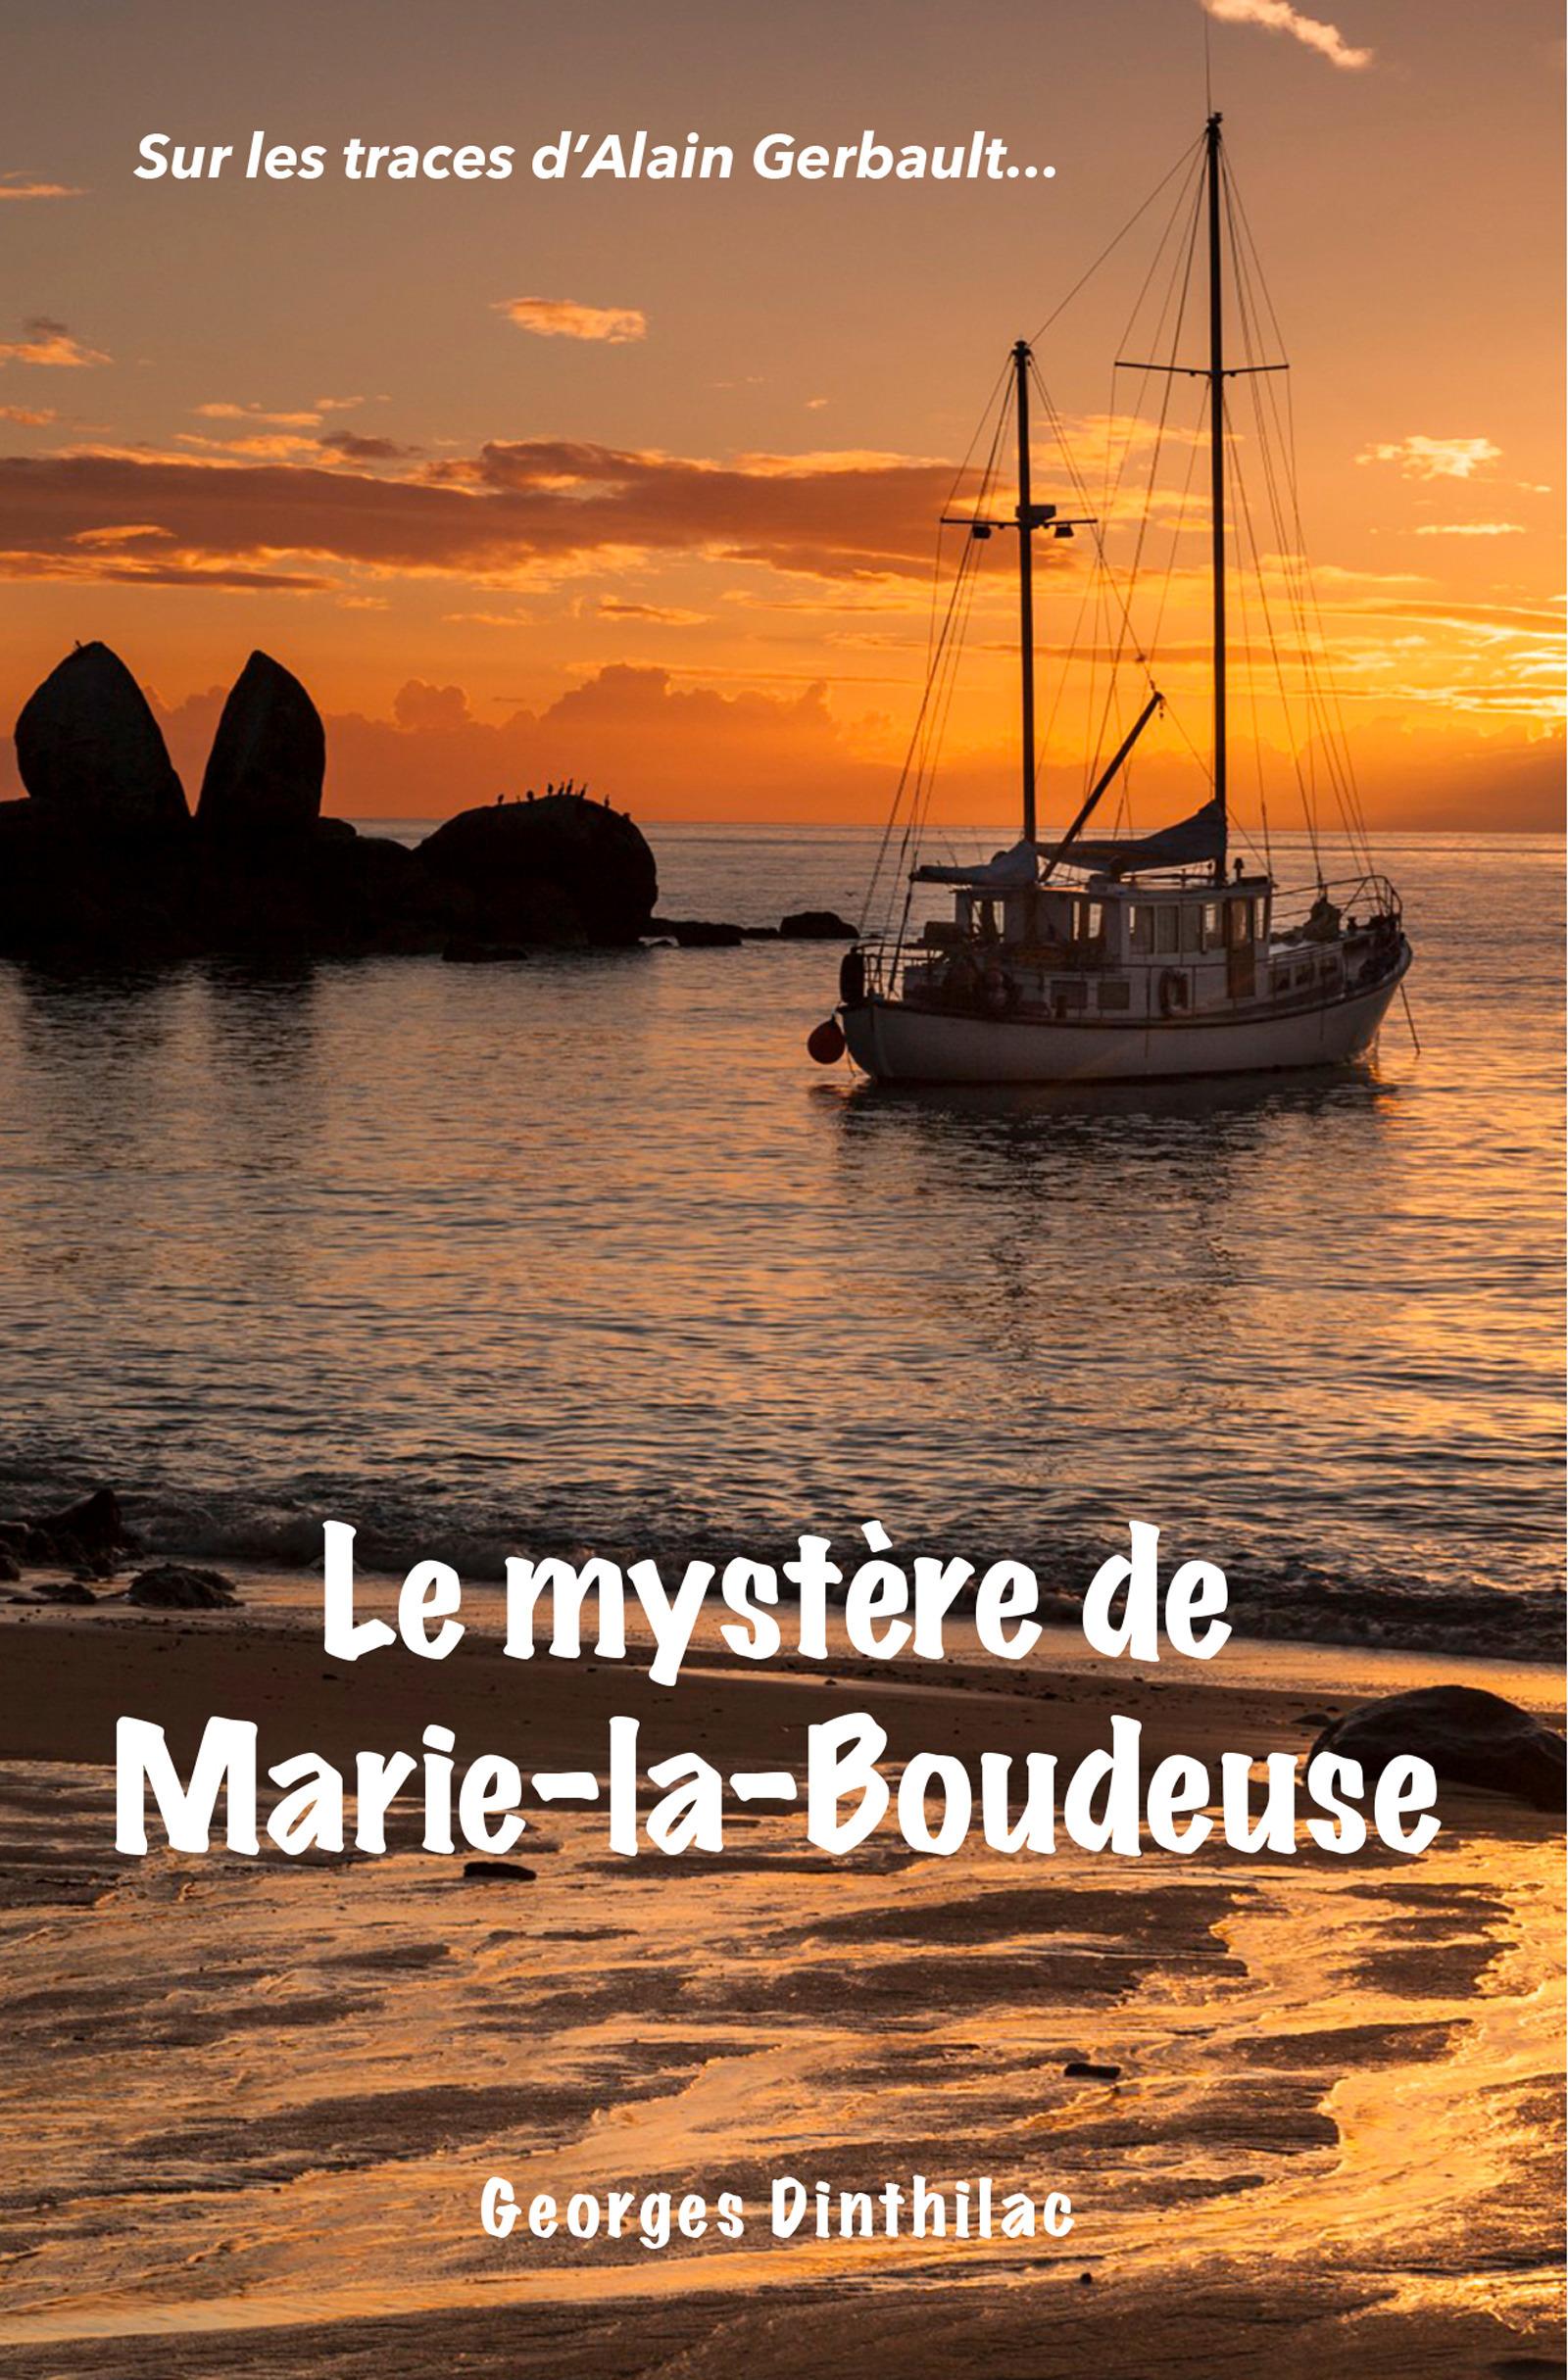 Le mystère de Marie-la-Boudeuse, sur les traces de Alain Gerbault